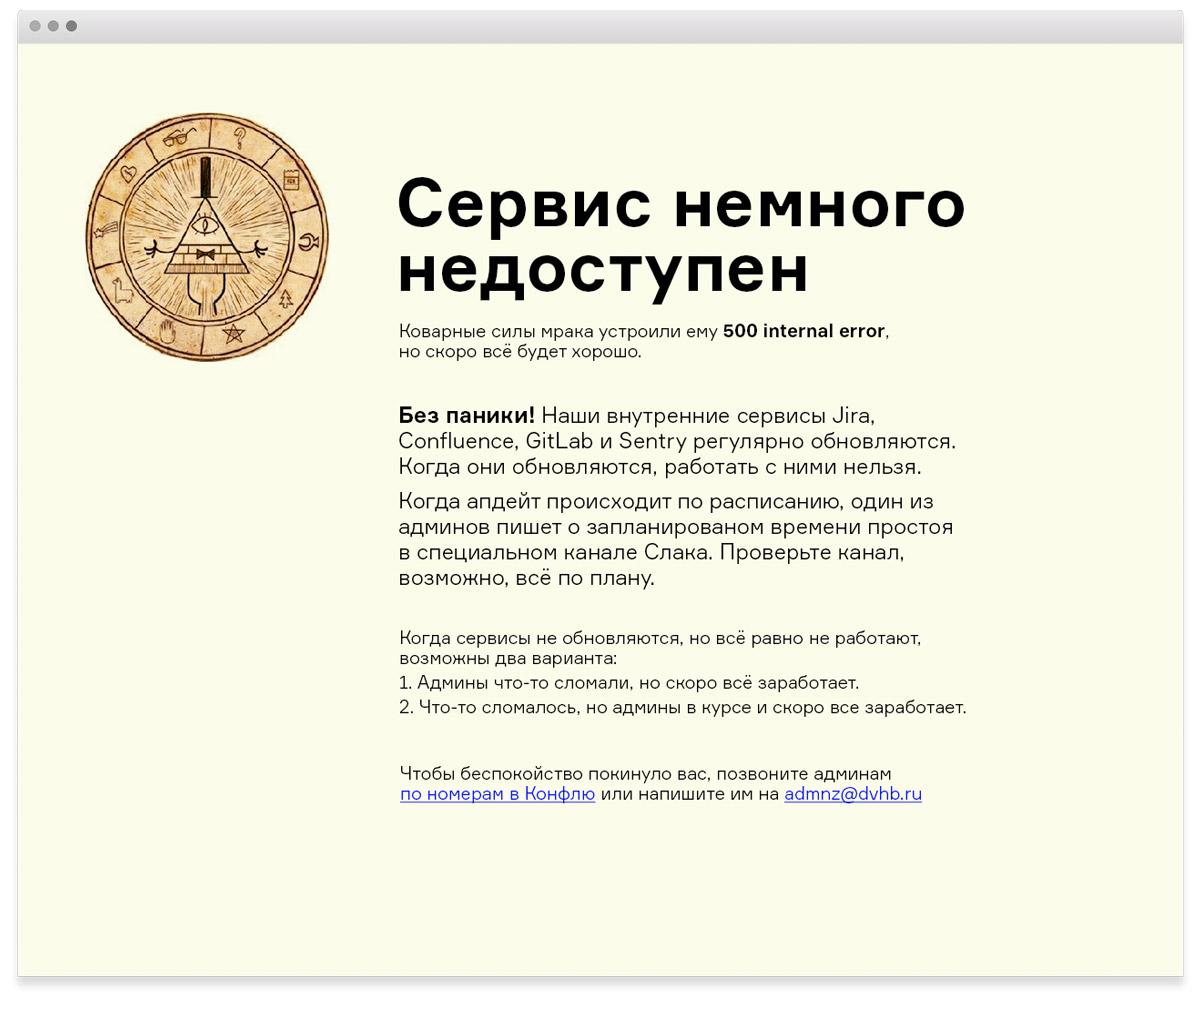 Кастомная страница об ошибке для nginx